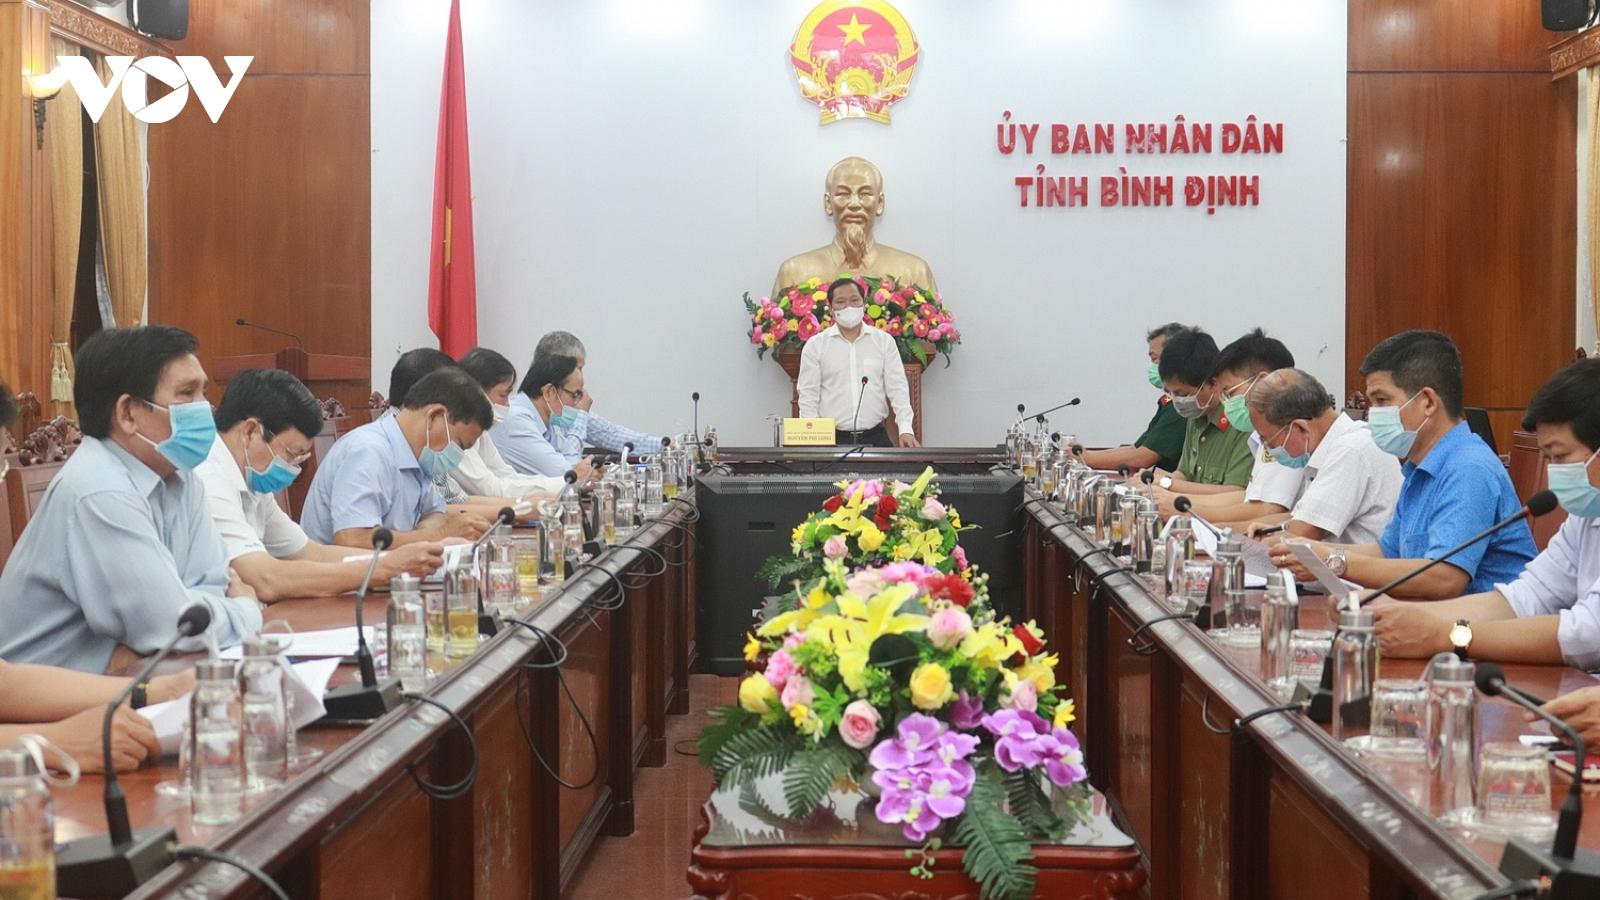 16 trường hợp F1 ở Bình Định đều âm tính